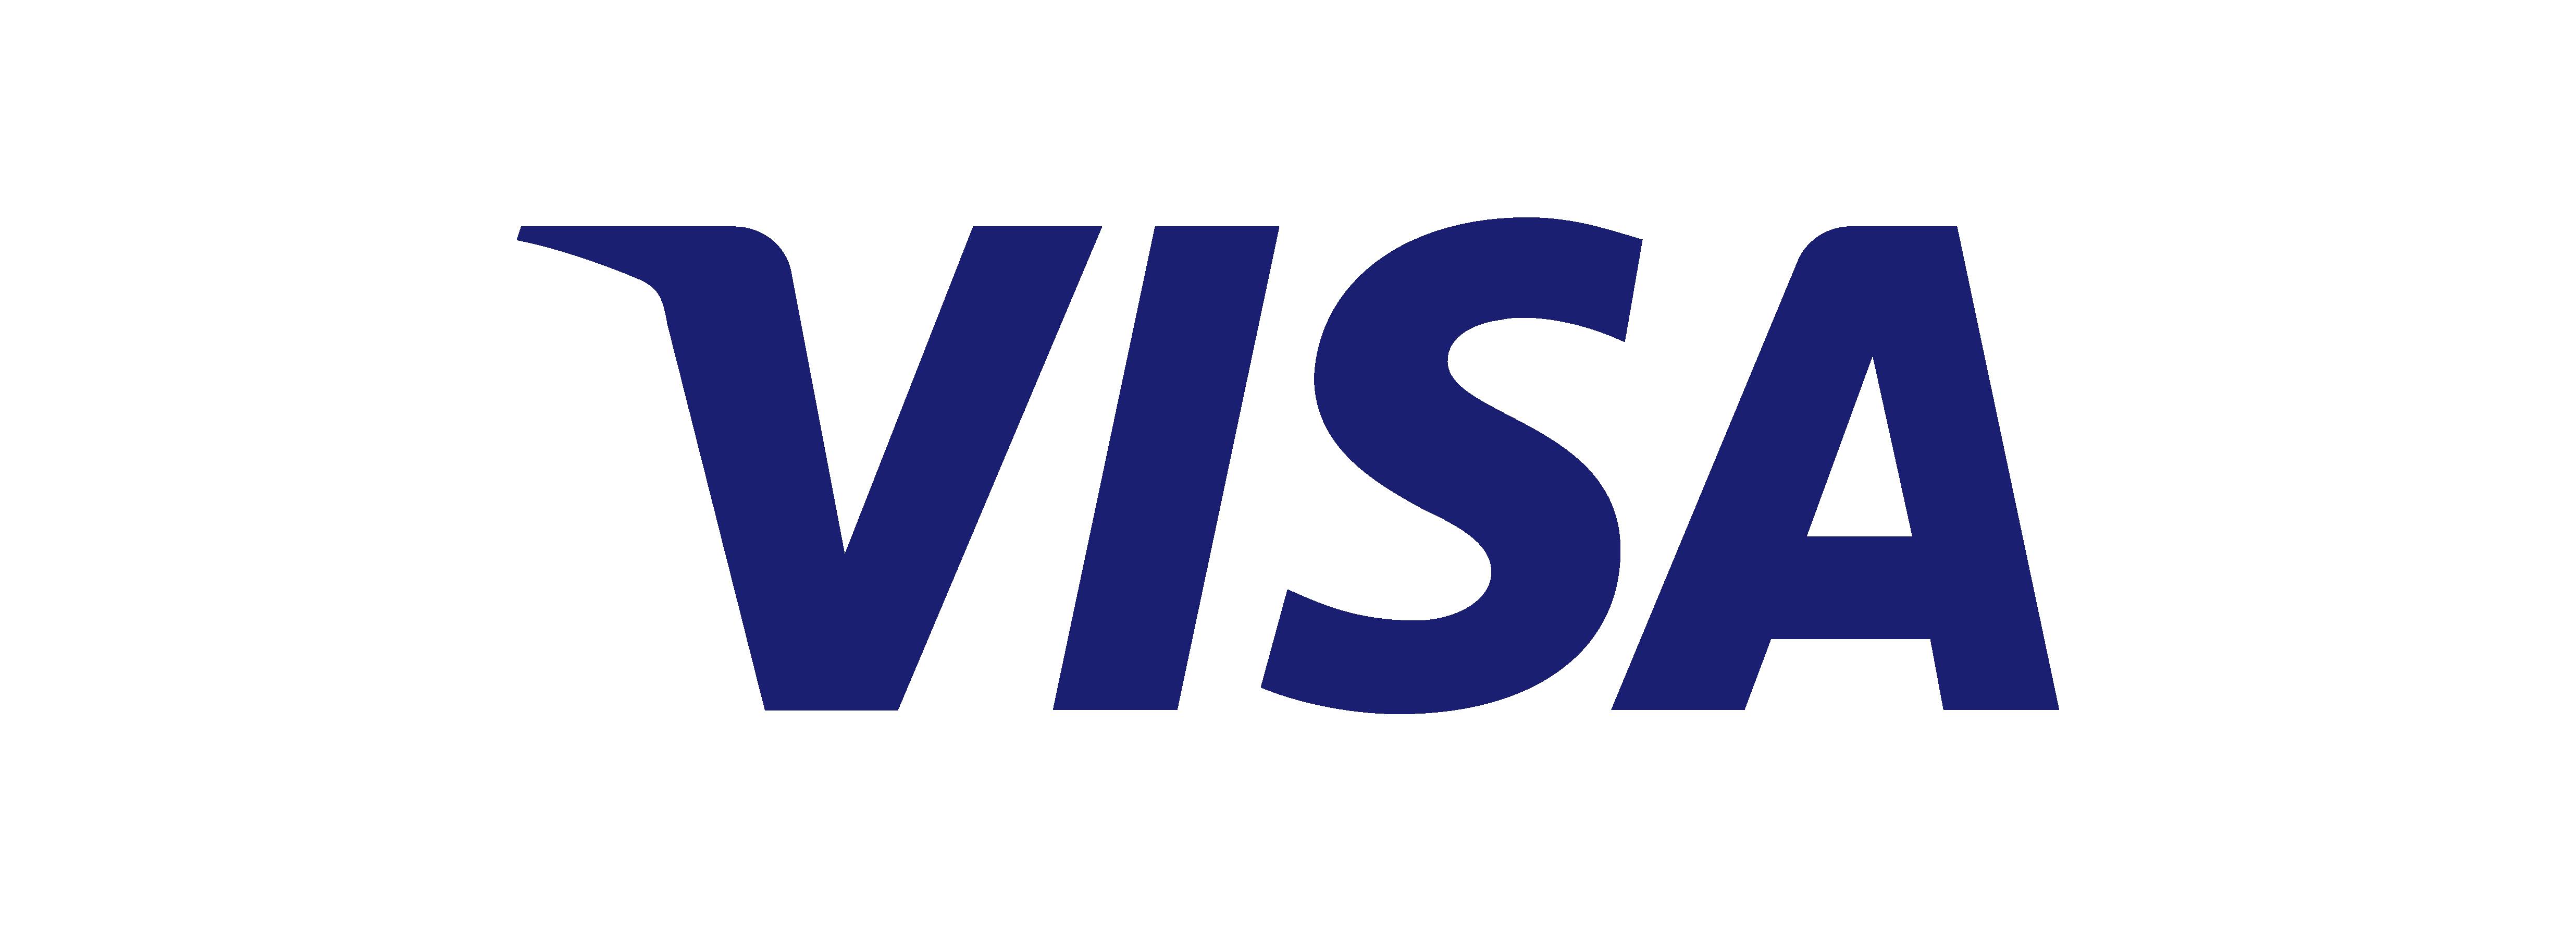 Amana Payment Options - Visa